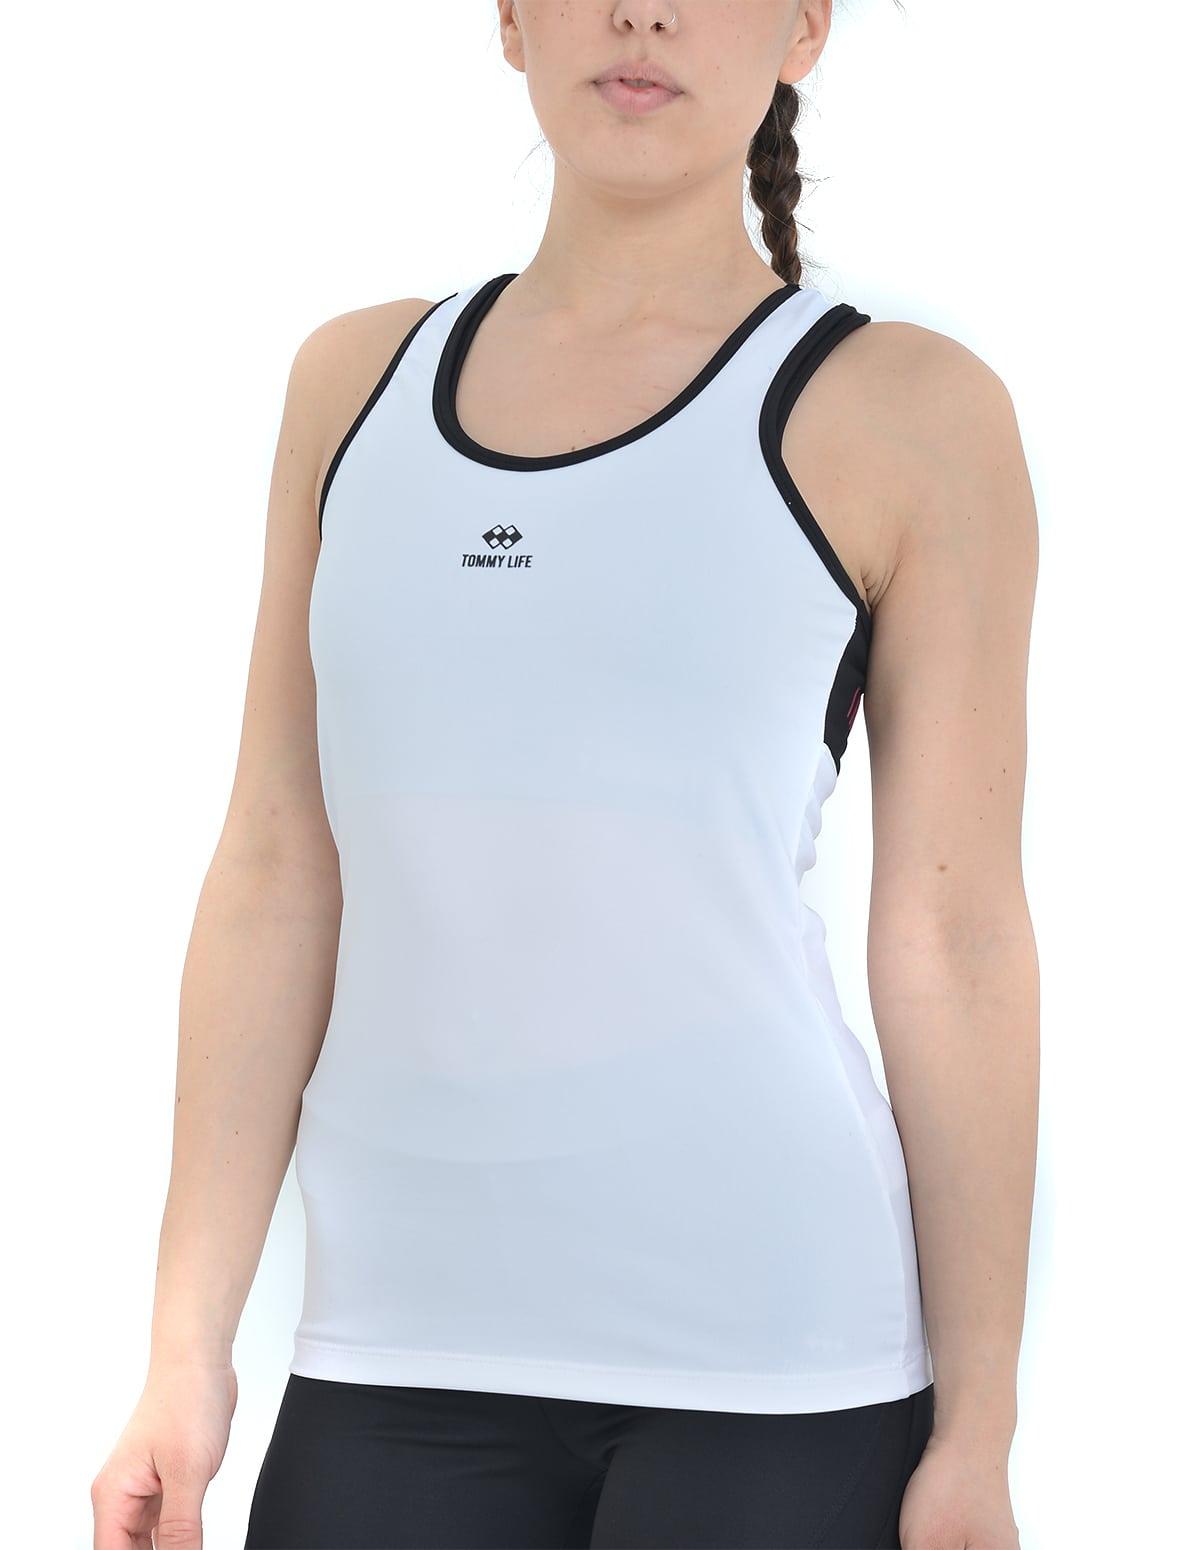 306ea1ff336f Γυναικείο αθλητικό μπλουζάκι σε λευκό χρώμα - vactive.gr